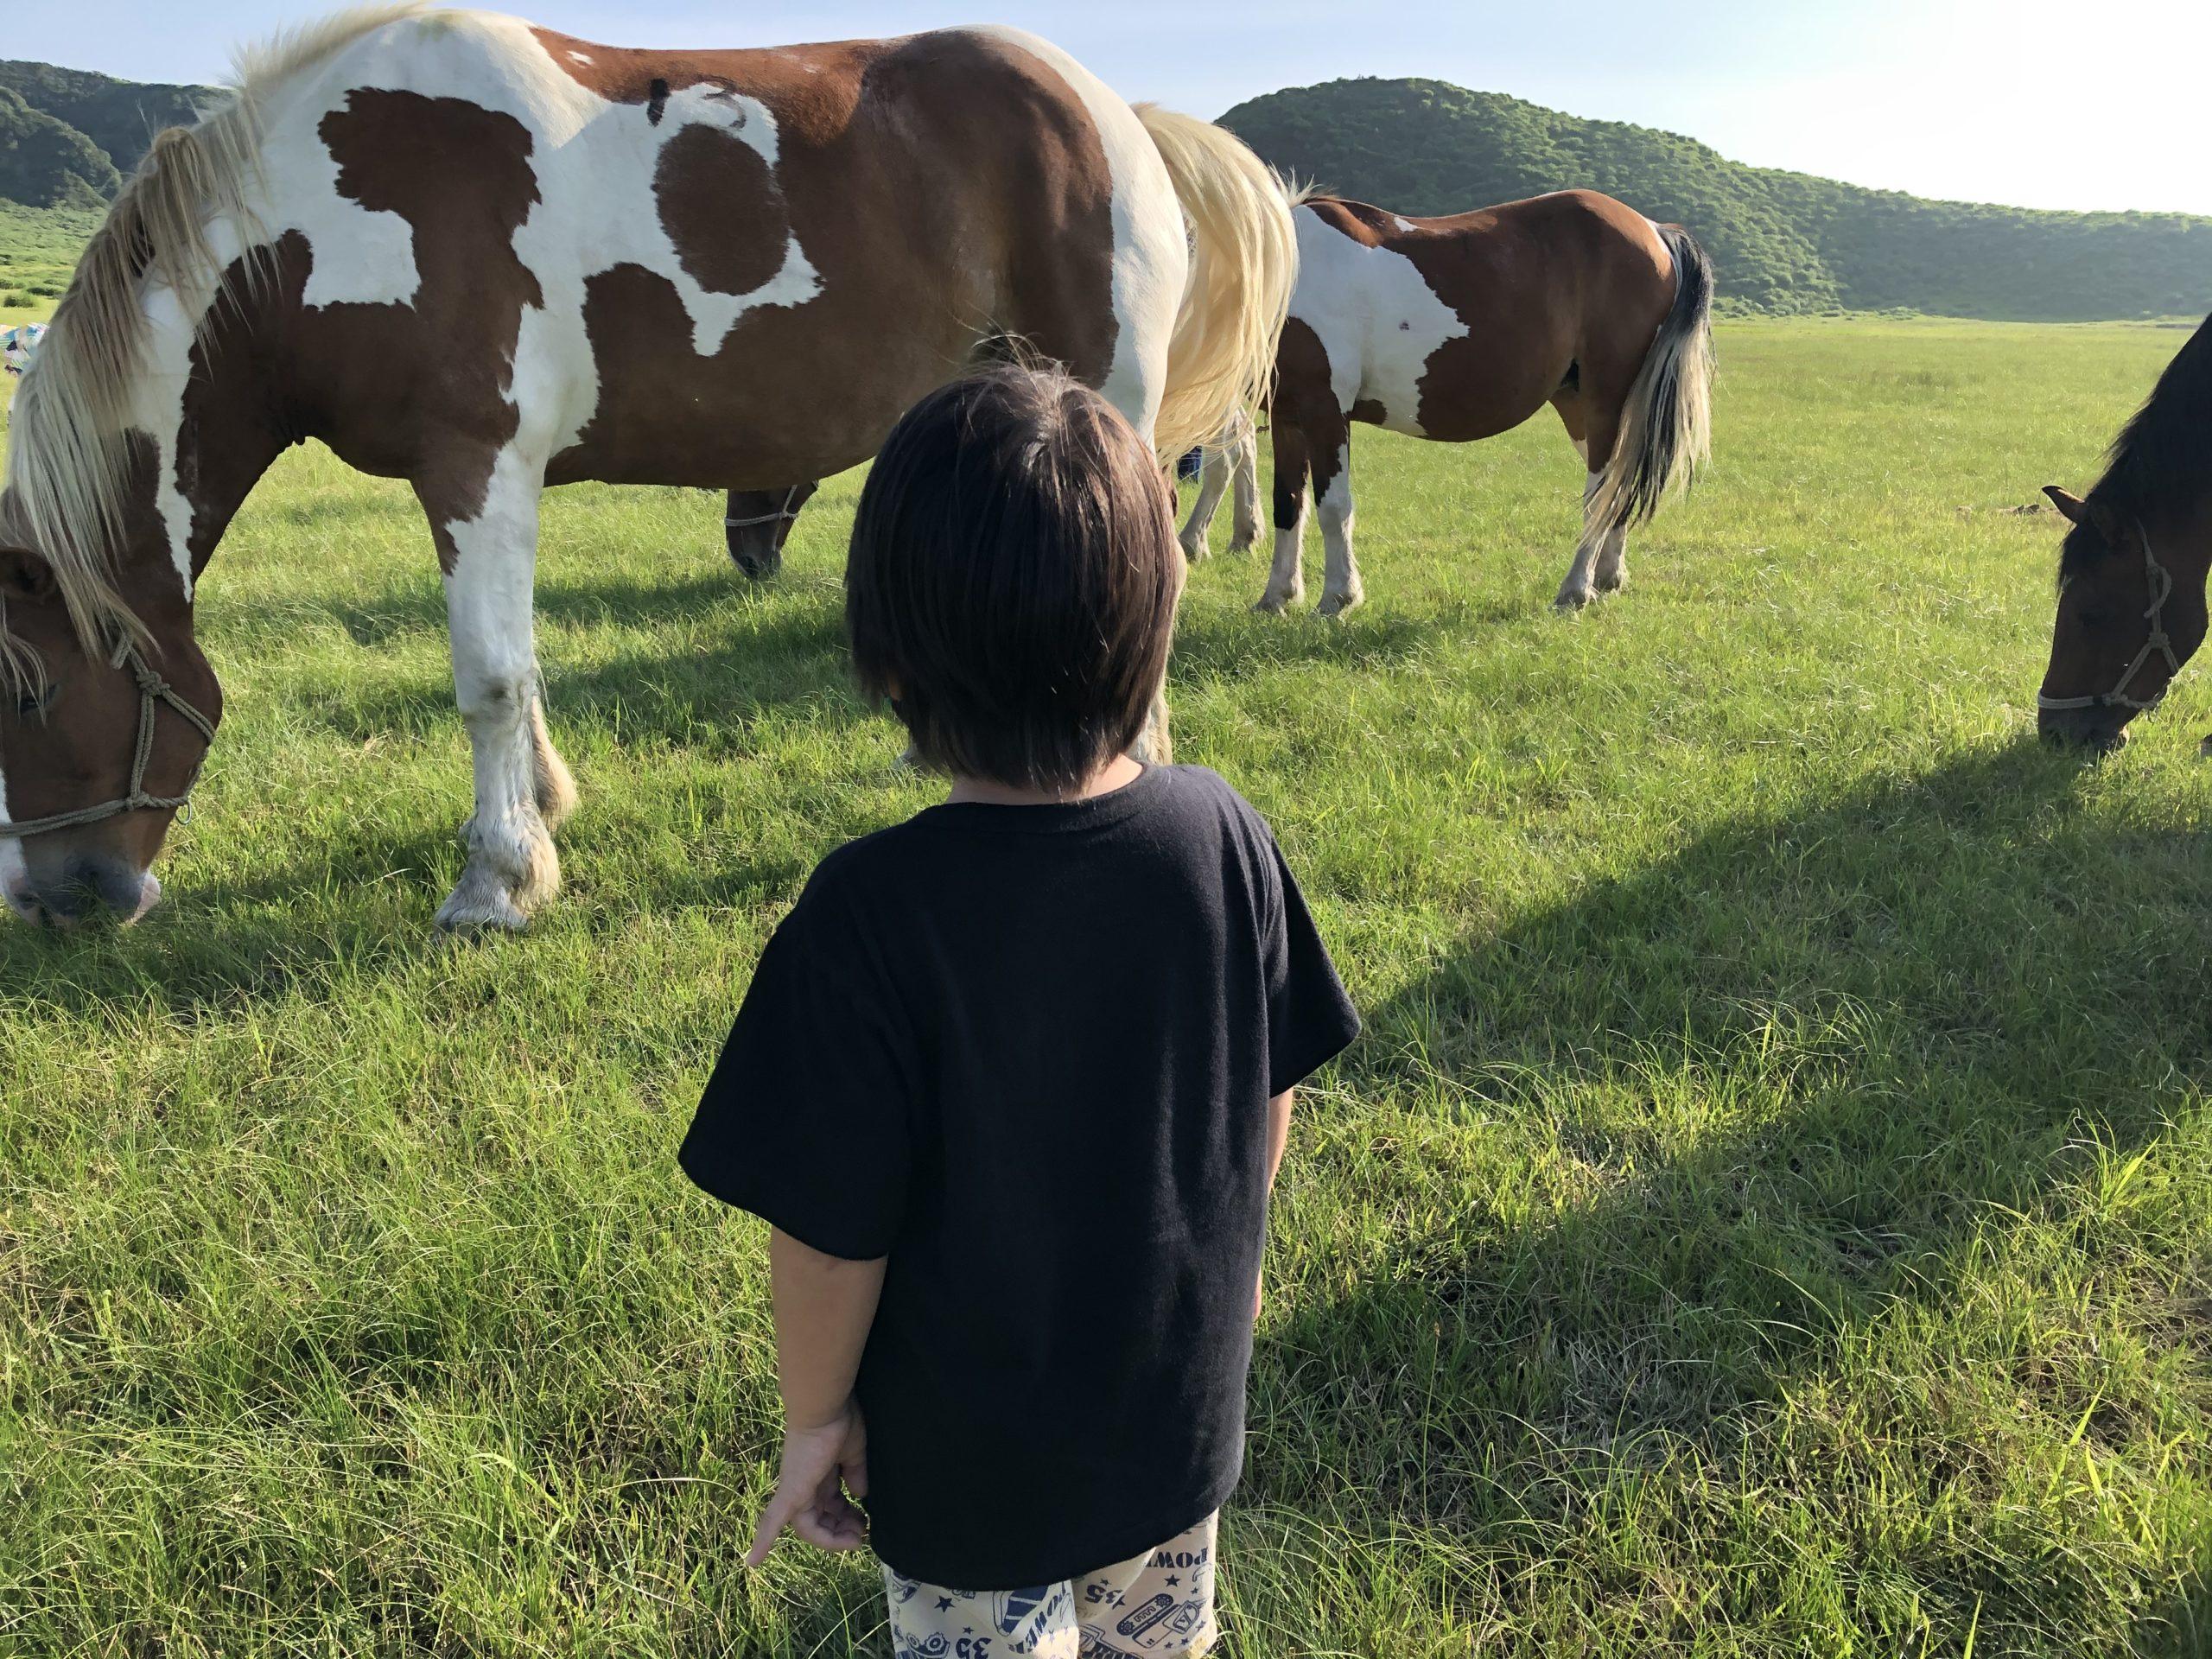 熊本県阿蘇市の草千里で、大きな馬を見に行こう